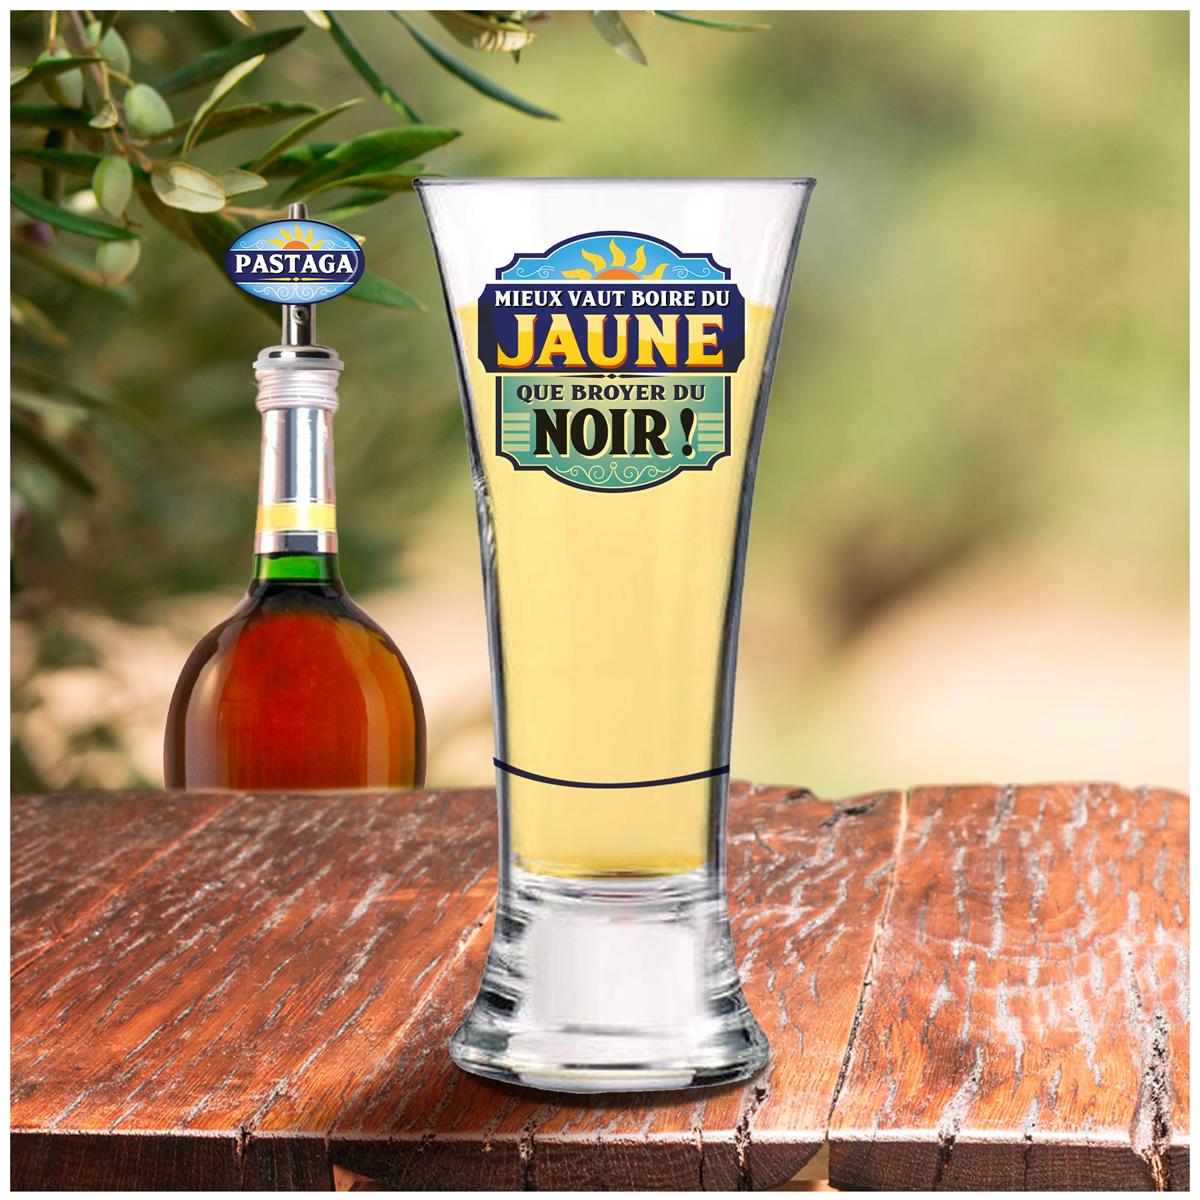 Coffret verre à bière et bec verseur \'Pastaga\' - verre 16 cm (Mieux vaut boire du Jaune que broyer du Noir !) - [A1523]